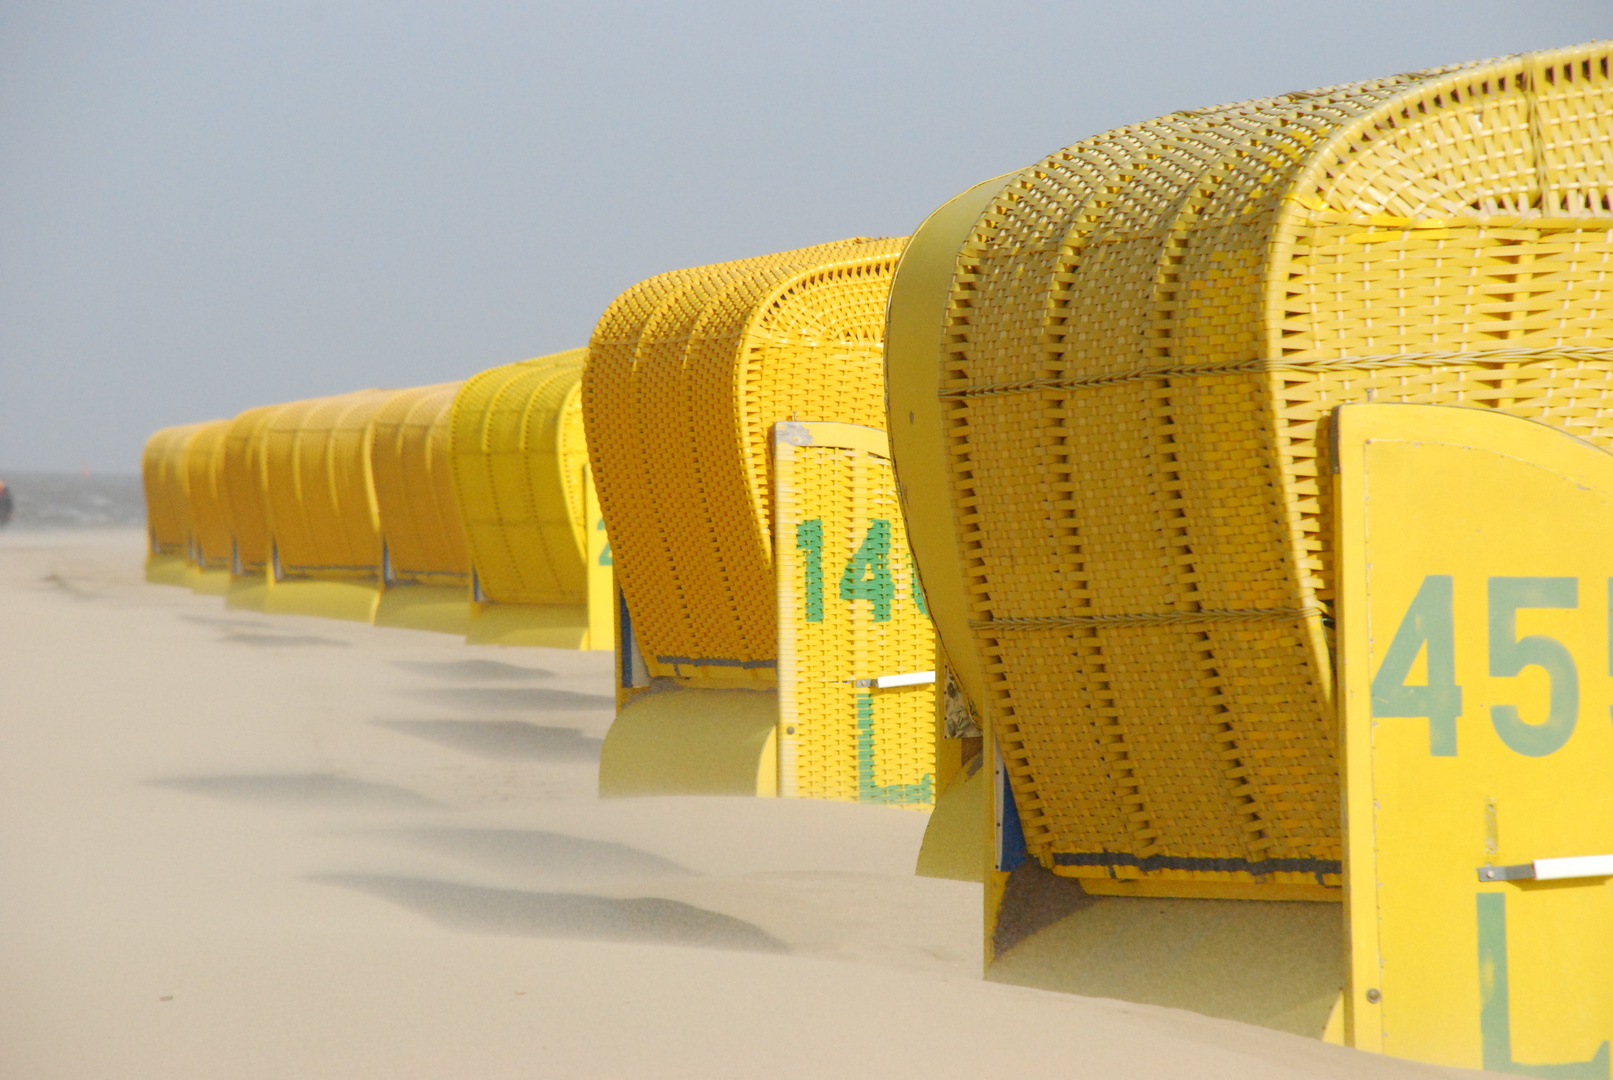 kleiner Sandsturm hinterm Strandkorb